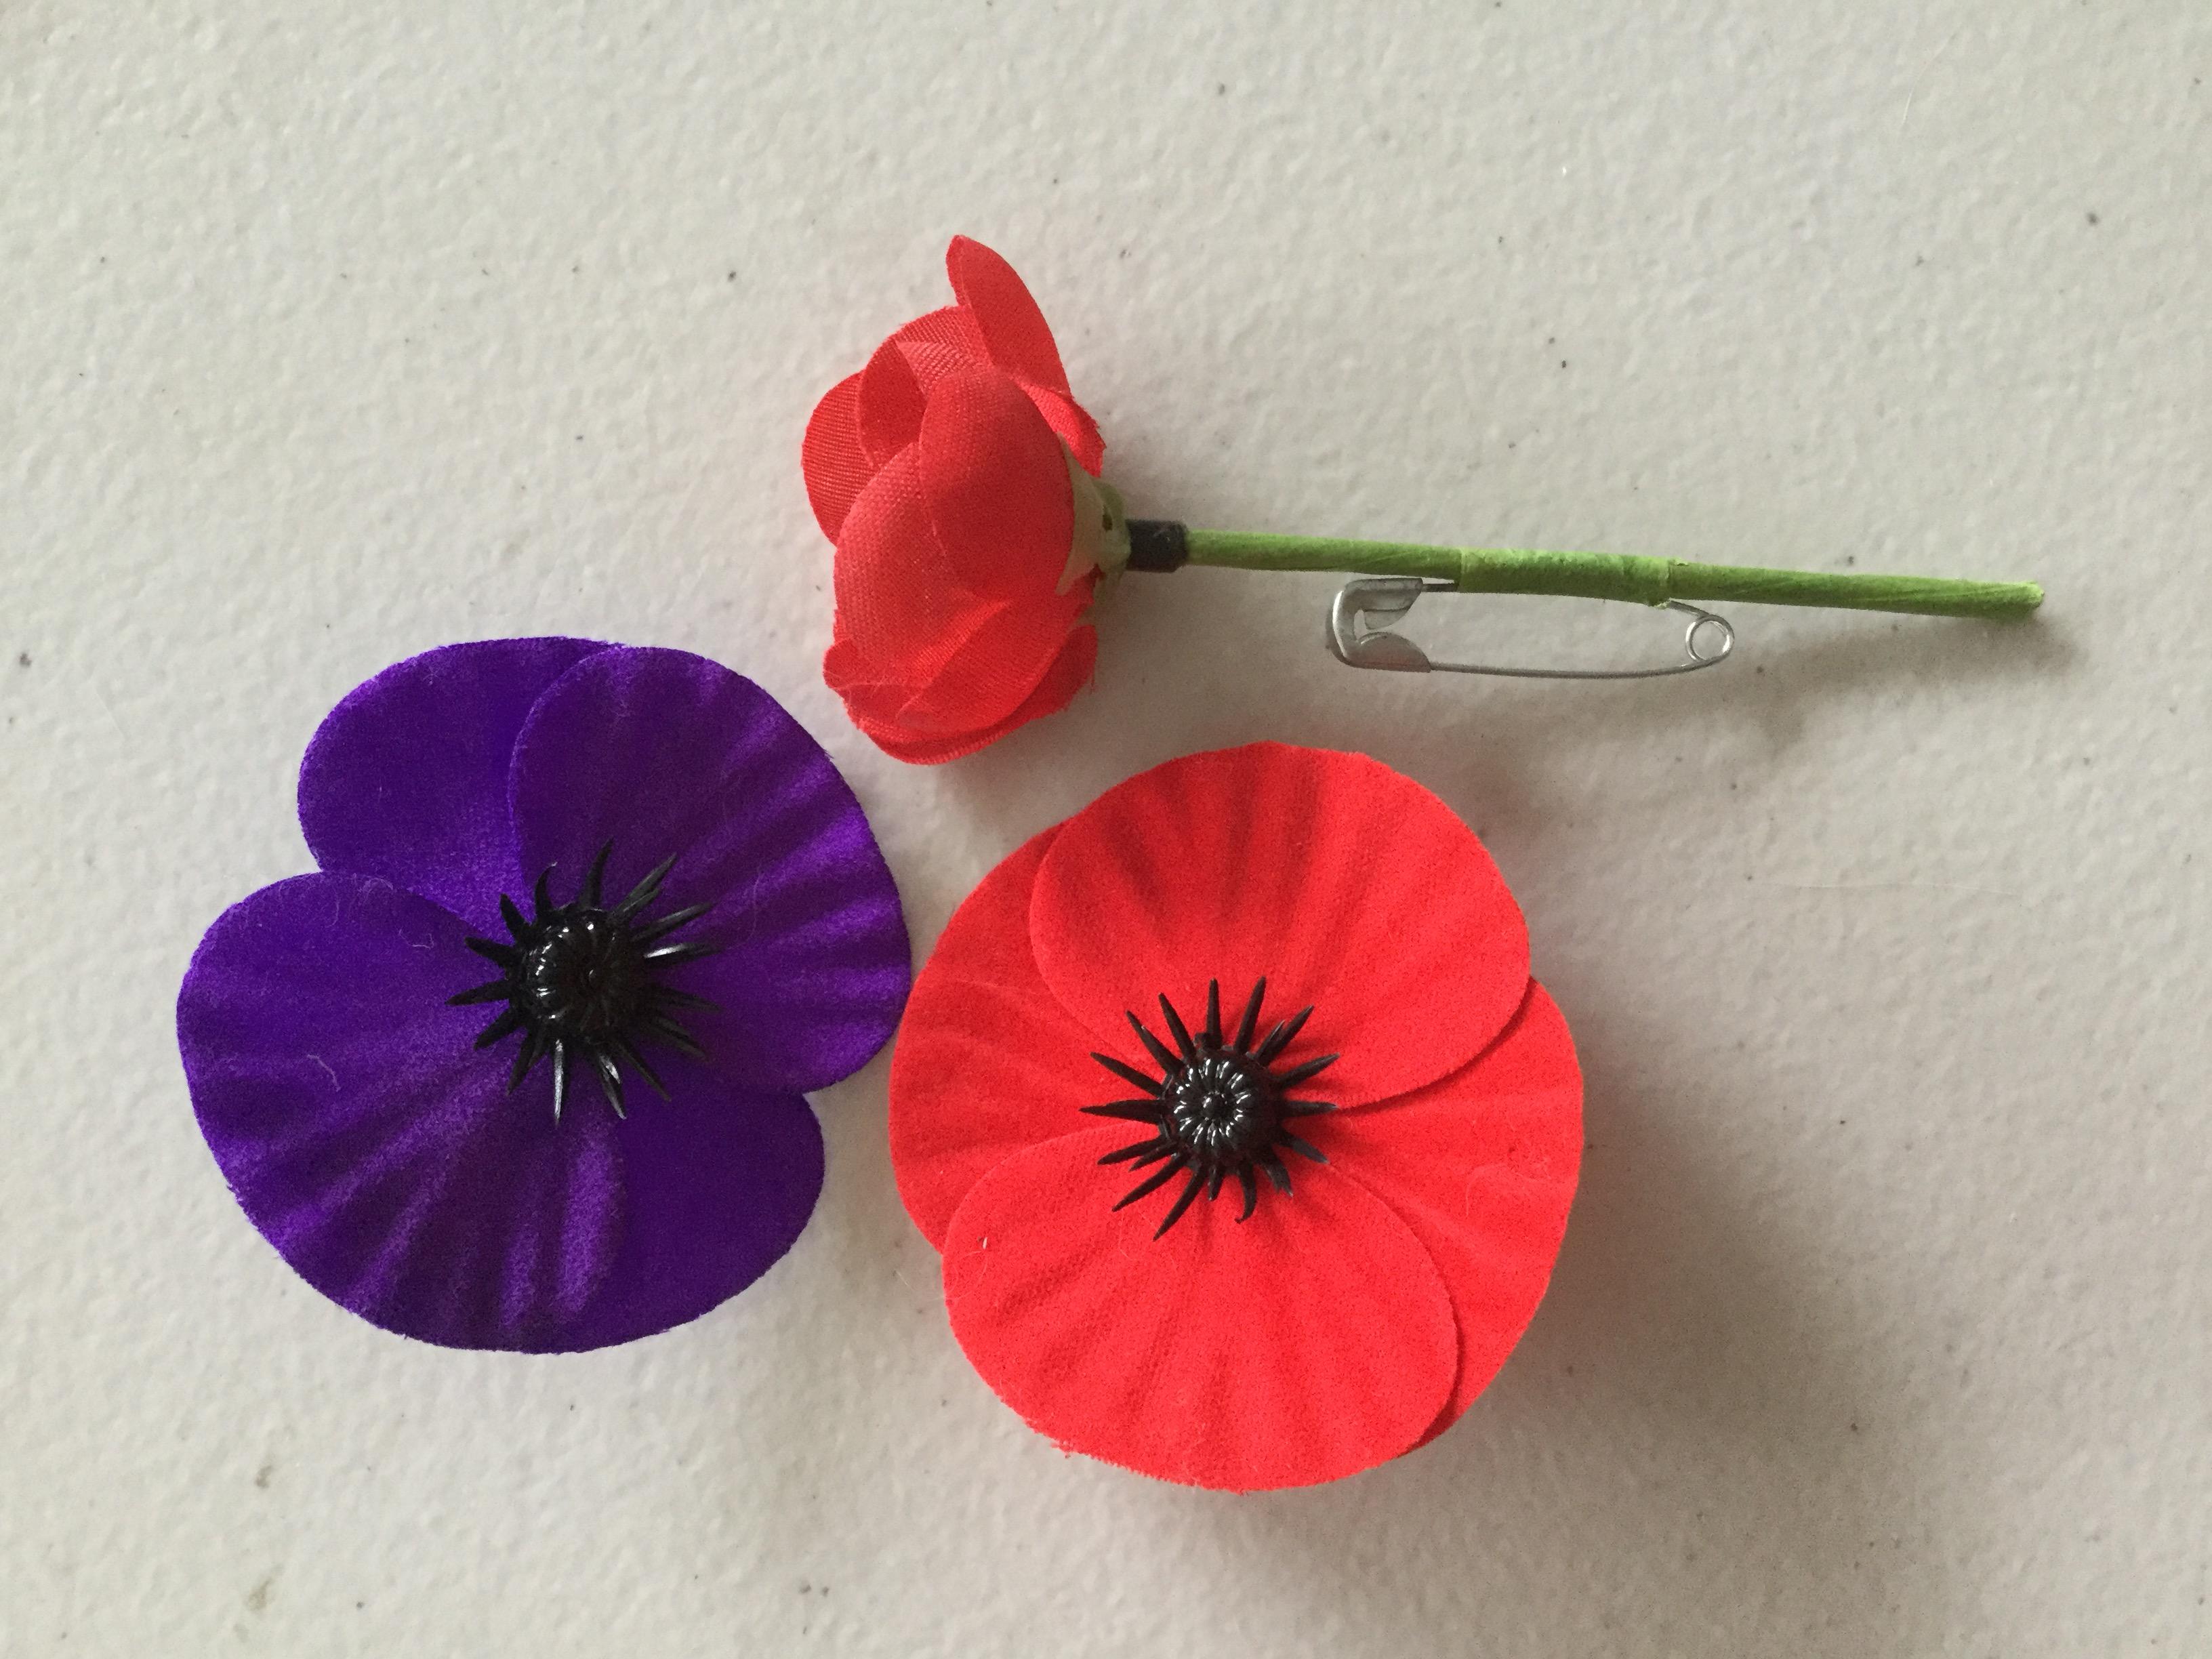 アンザックデーのポピーの花の由来とフランダースフィールドの詩